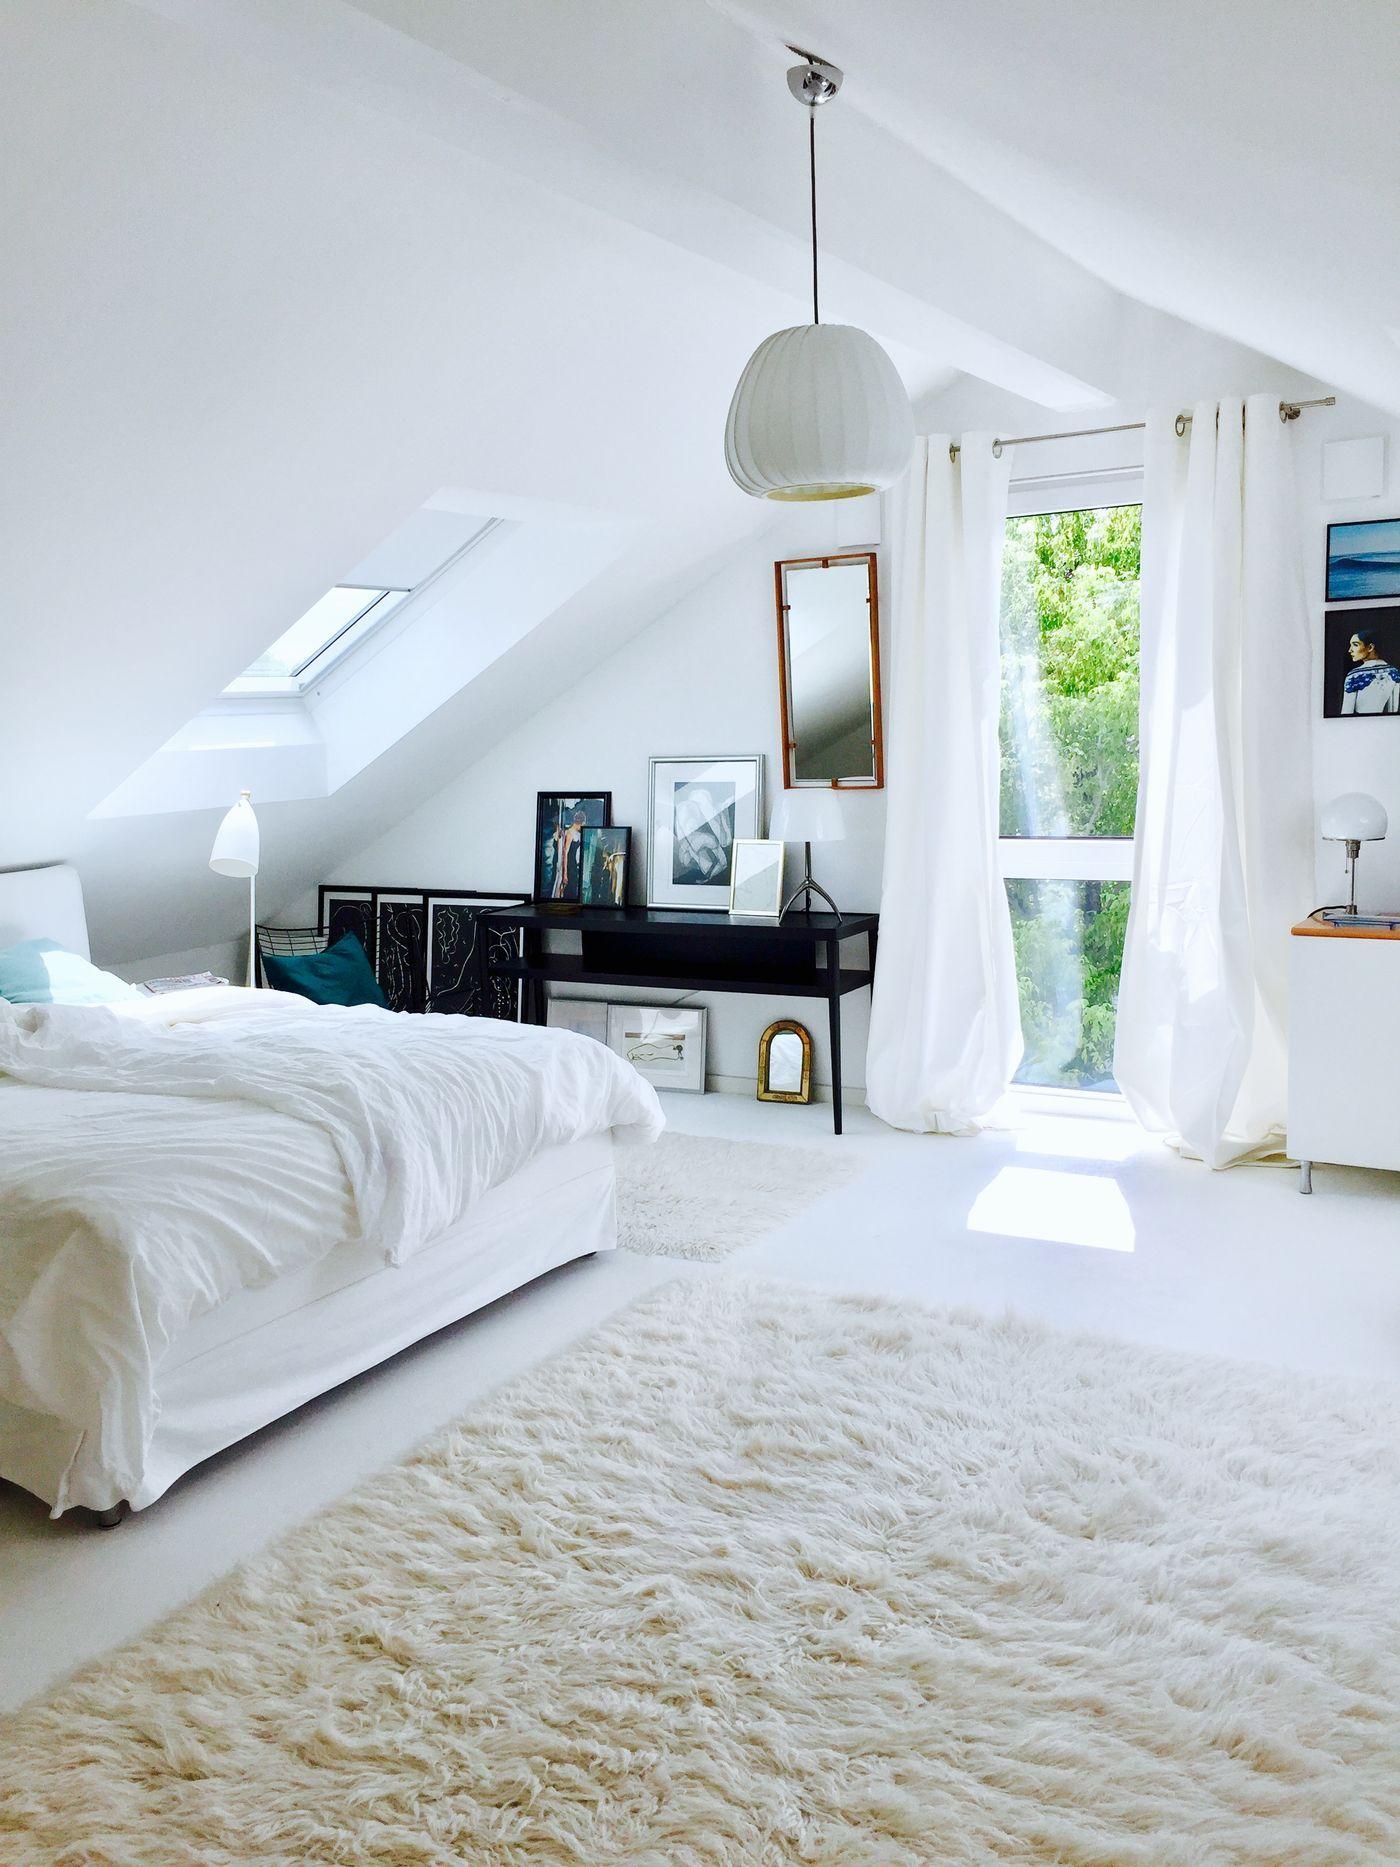 kleinen dachboden ausbauen doppelt gewendete treppe nach oben dachboden liebe auf den ersten. Black Bedroom Furniture Sets. Home Design Ideas